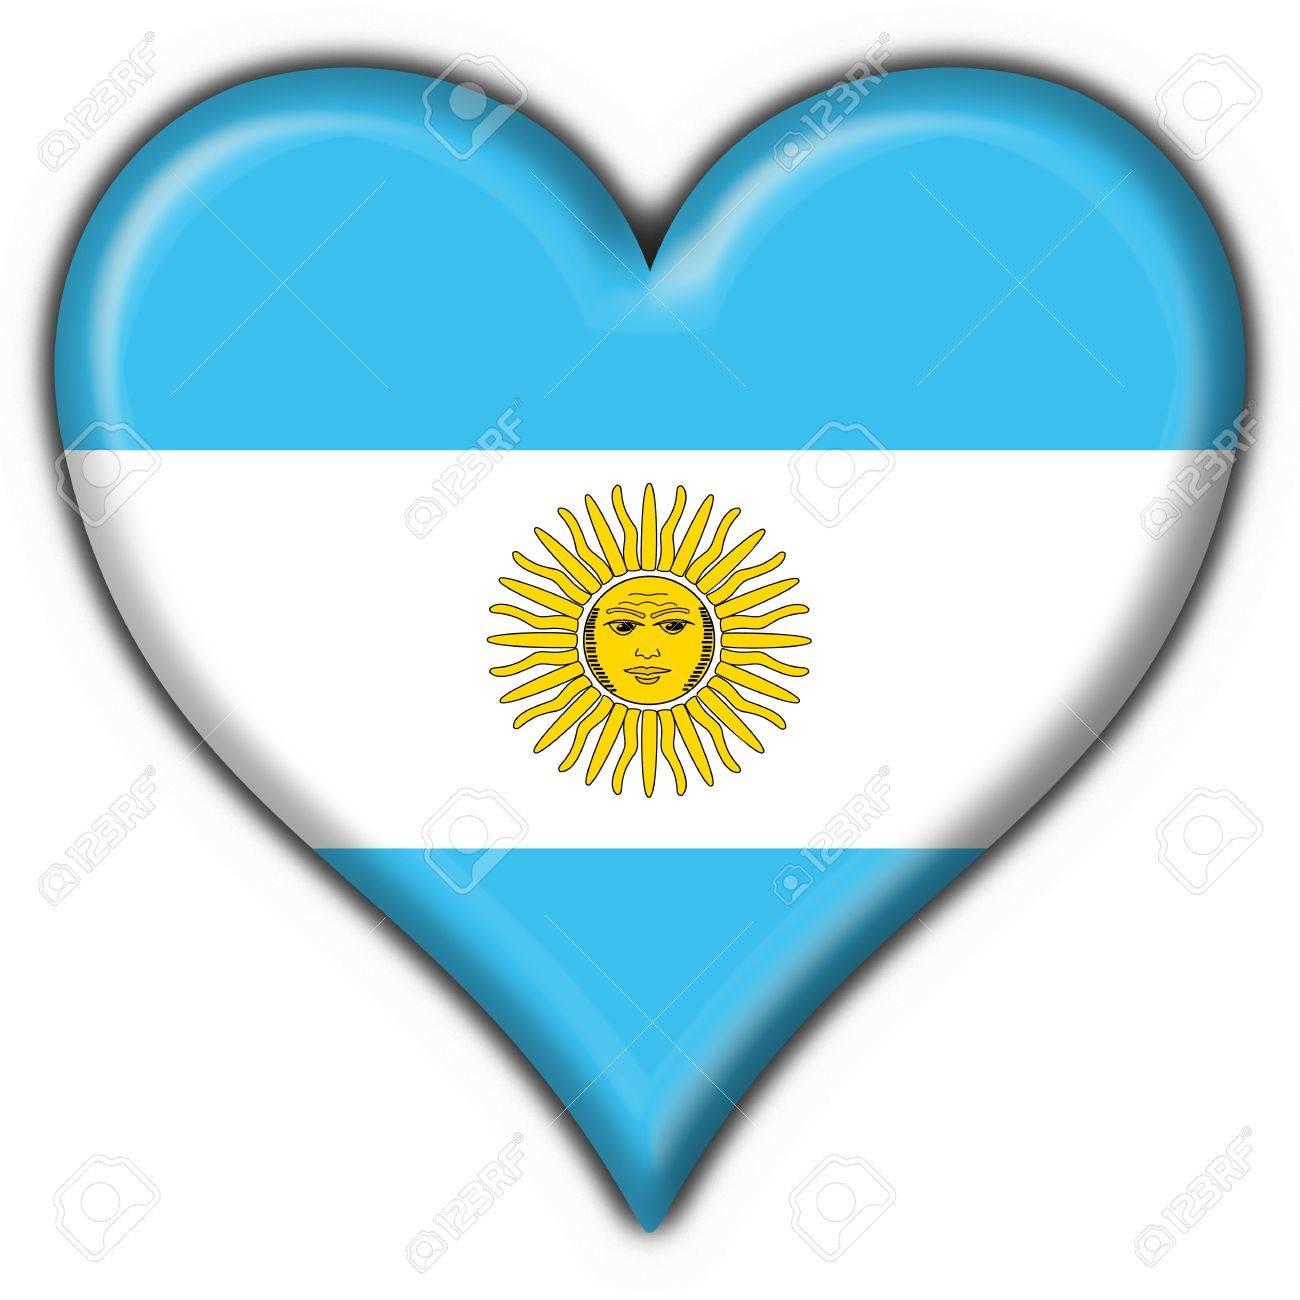 Bandera Argentina Botón Forma Corazón Fotos Retratos Imágenes Y